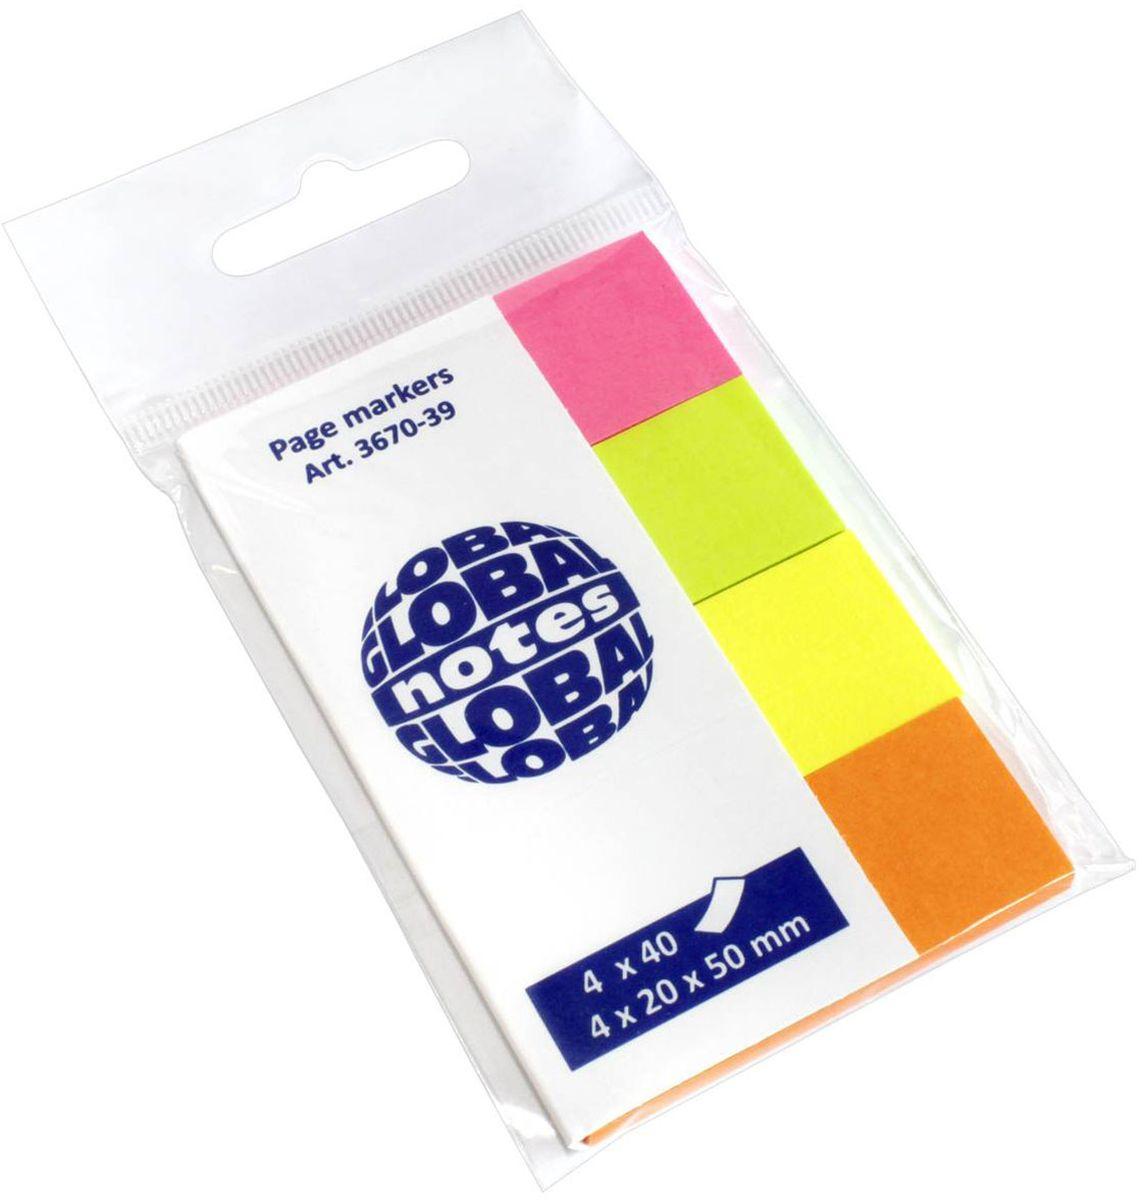 Global Notes Блок-закладка с липким слоем 160 листов 3670392010440Закладки бумажные с клеевым слоем предназначены для наиболее эффективного выделения важной информации без повреждения книги или документа. Идеально подходят для быстрой и эффективной работы. 160 листов, 4 ярких цвета. Размер 20х50 ммТолщина бумаги 50 мкр.